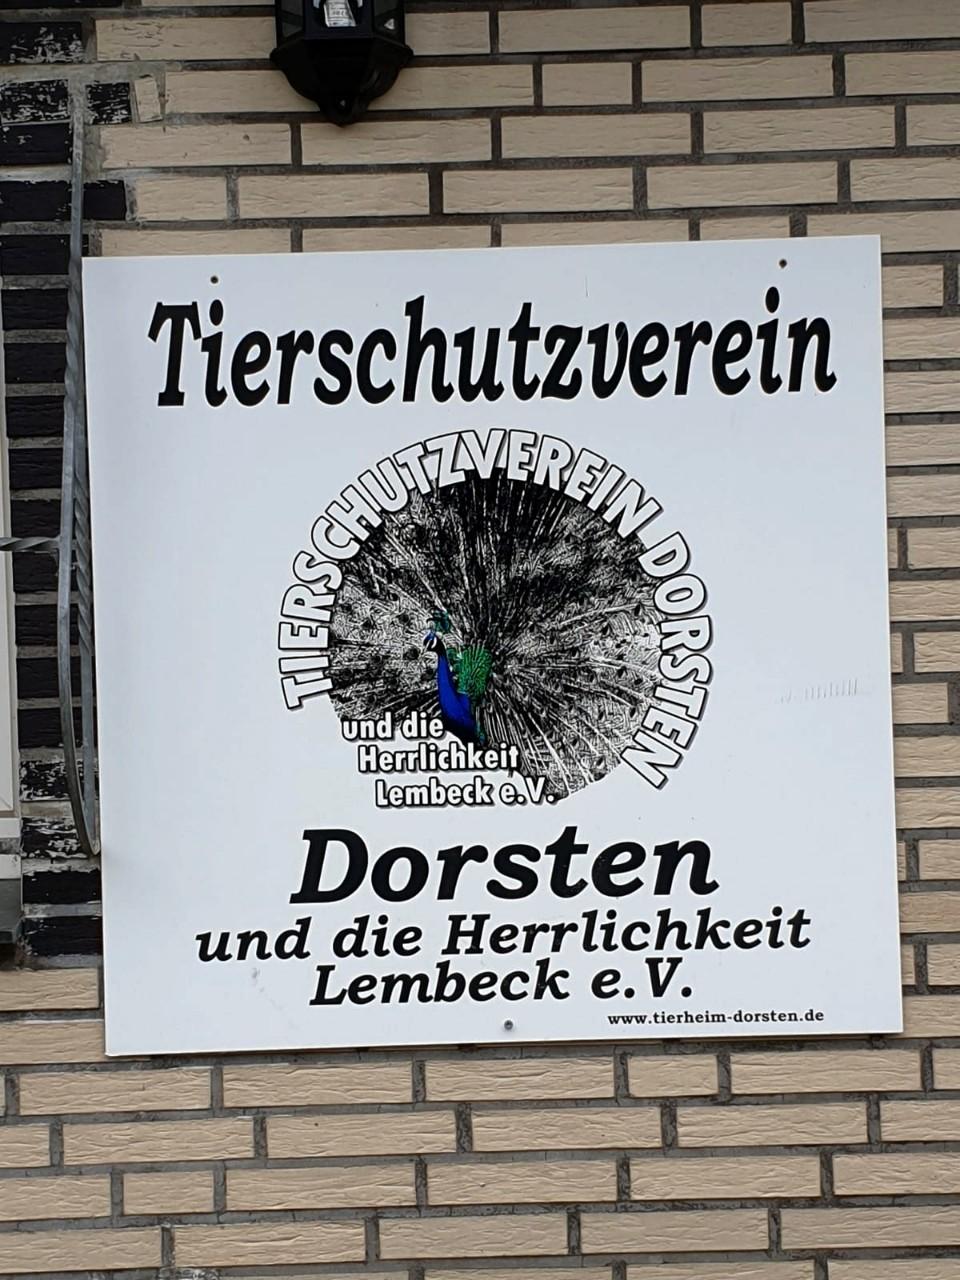 Tierschutzverein Dorsten # (4)